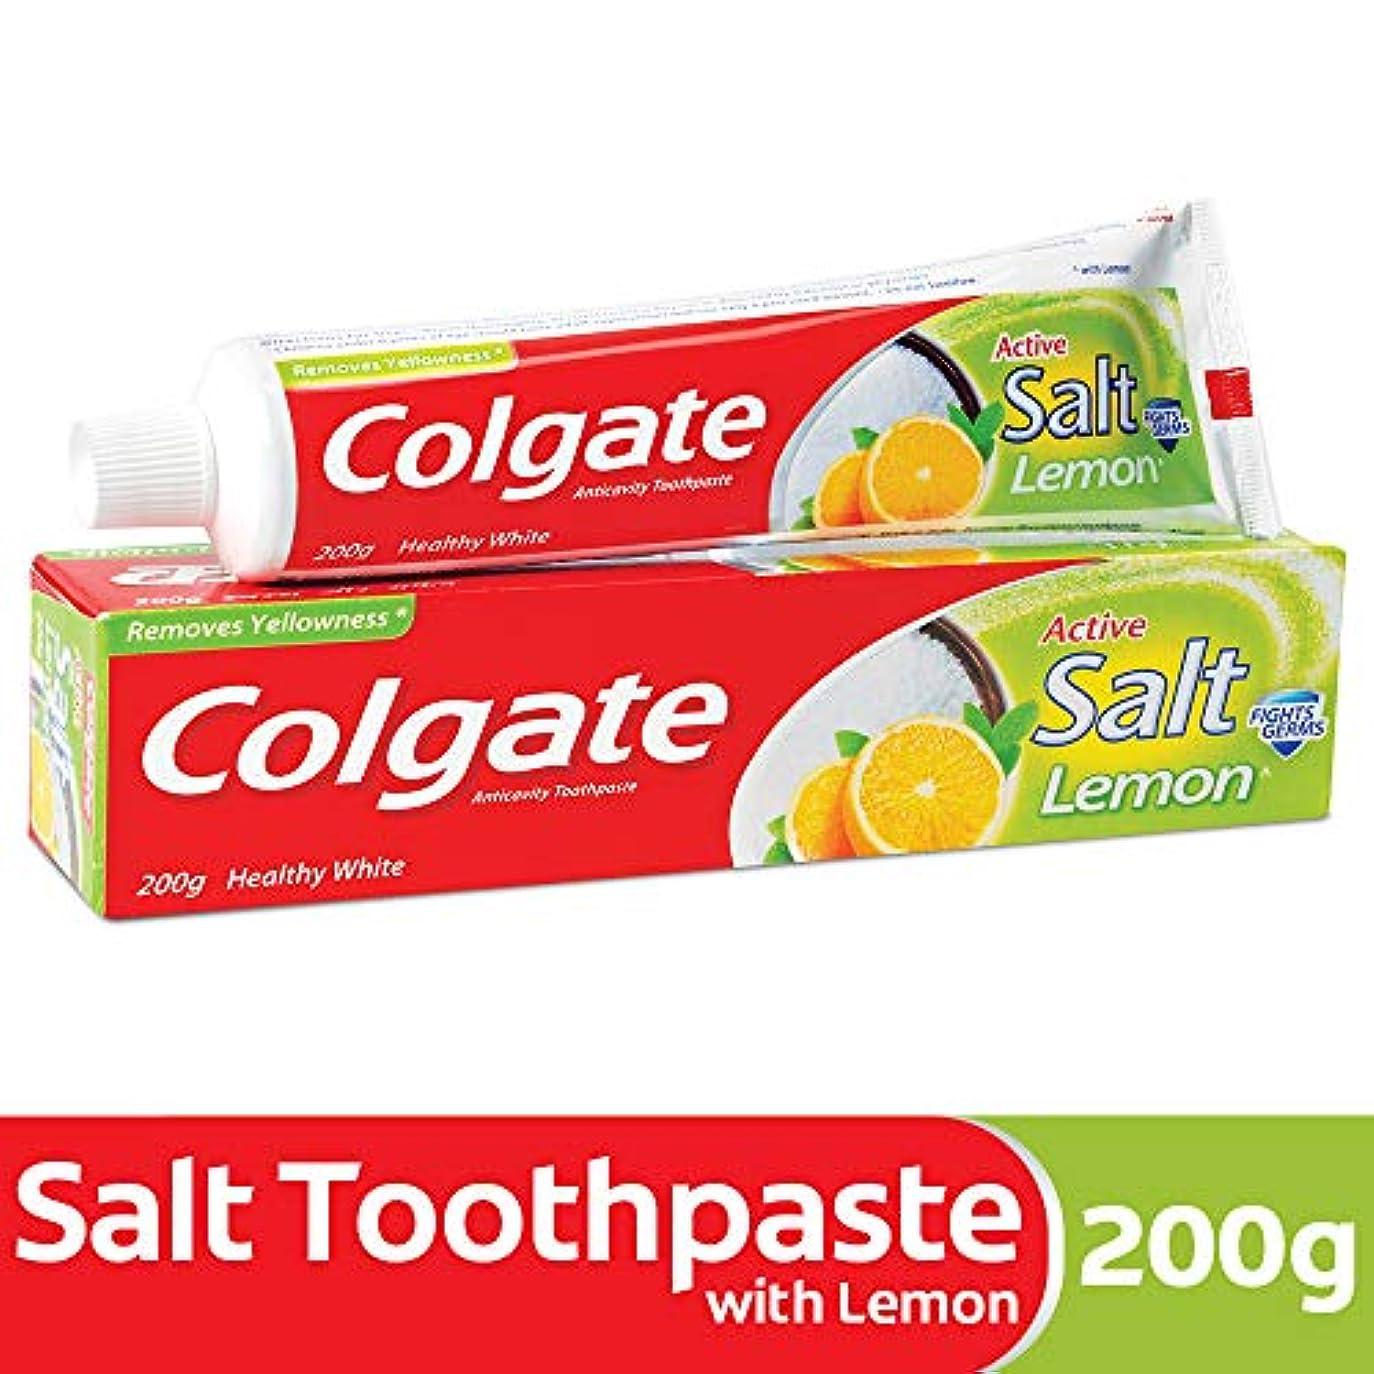 クラブ受益者ナインへColgate Toothpaste Active Salt - 200 g (Salt and Lemon)